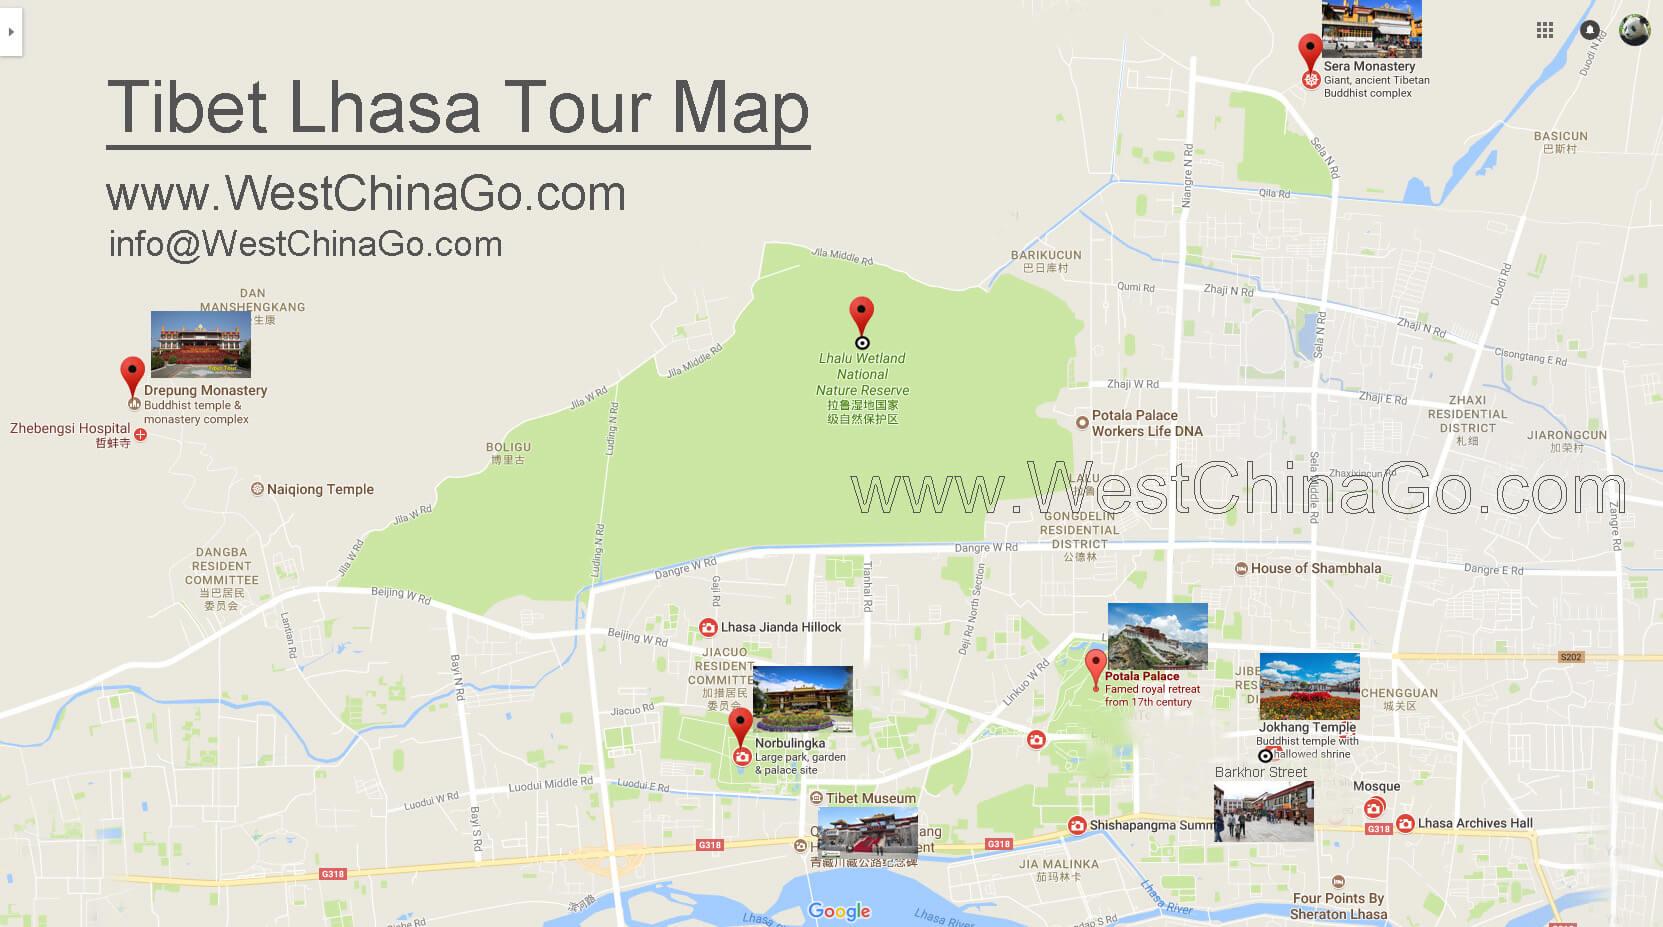 tibet lhasa tour map